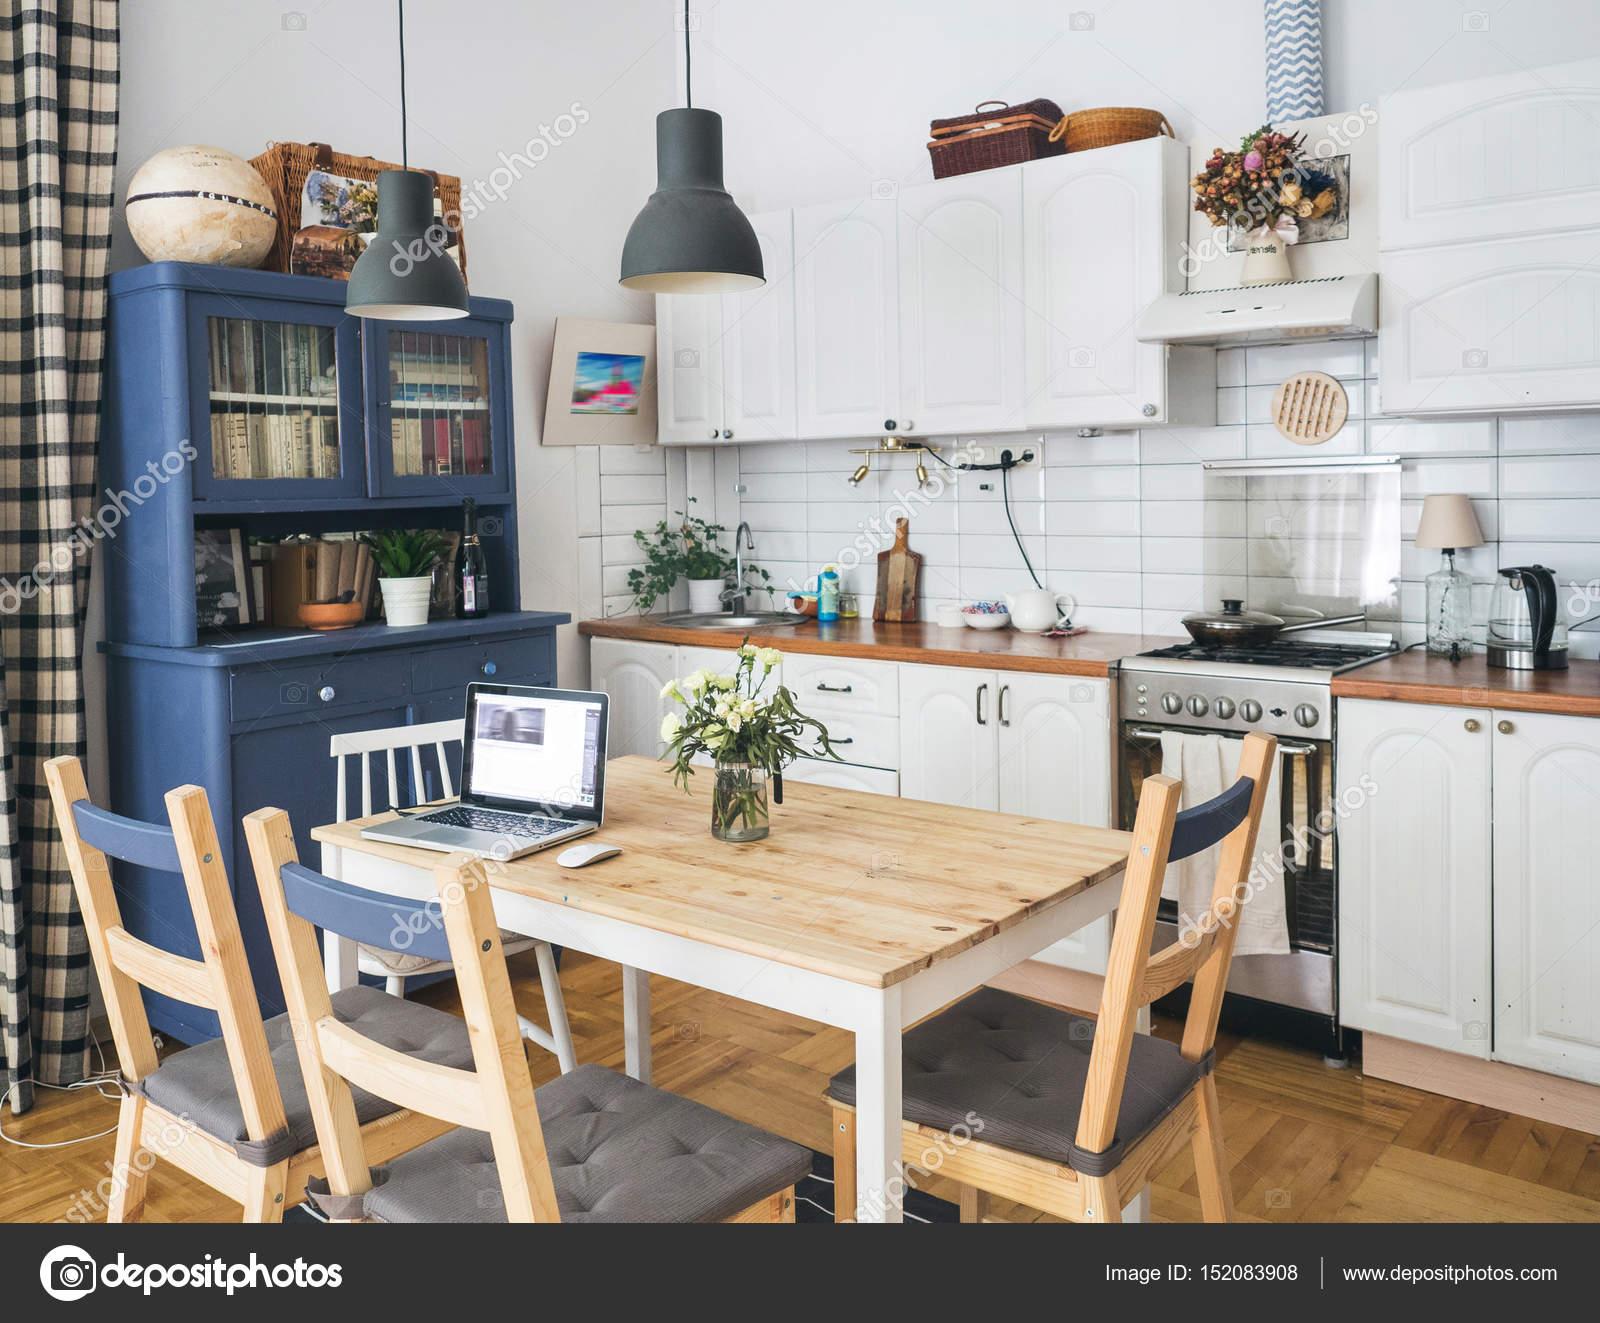 Keuken Zweeds Design : Scandinavische interieur van een keuken u stockfoto svmelnikoff